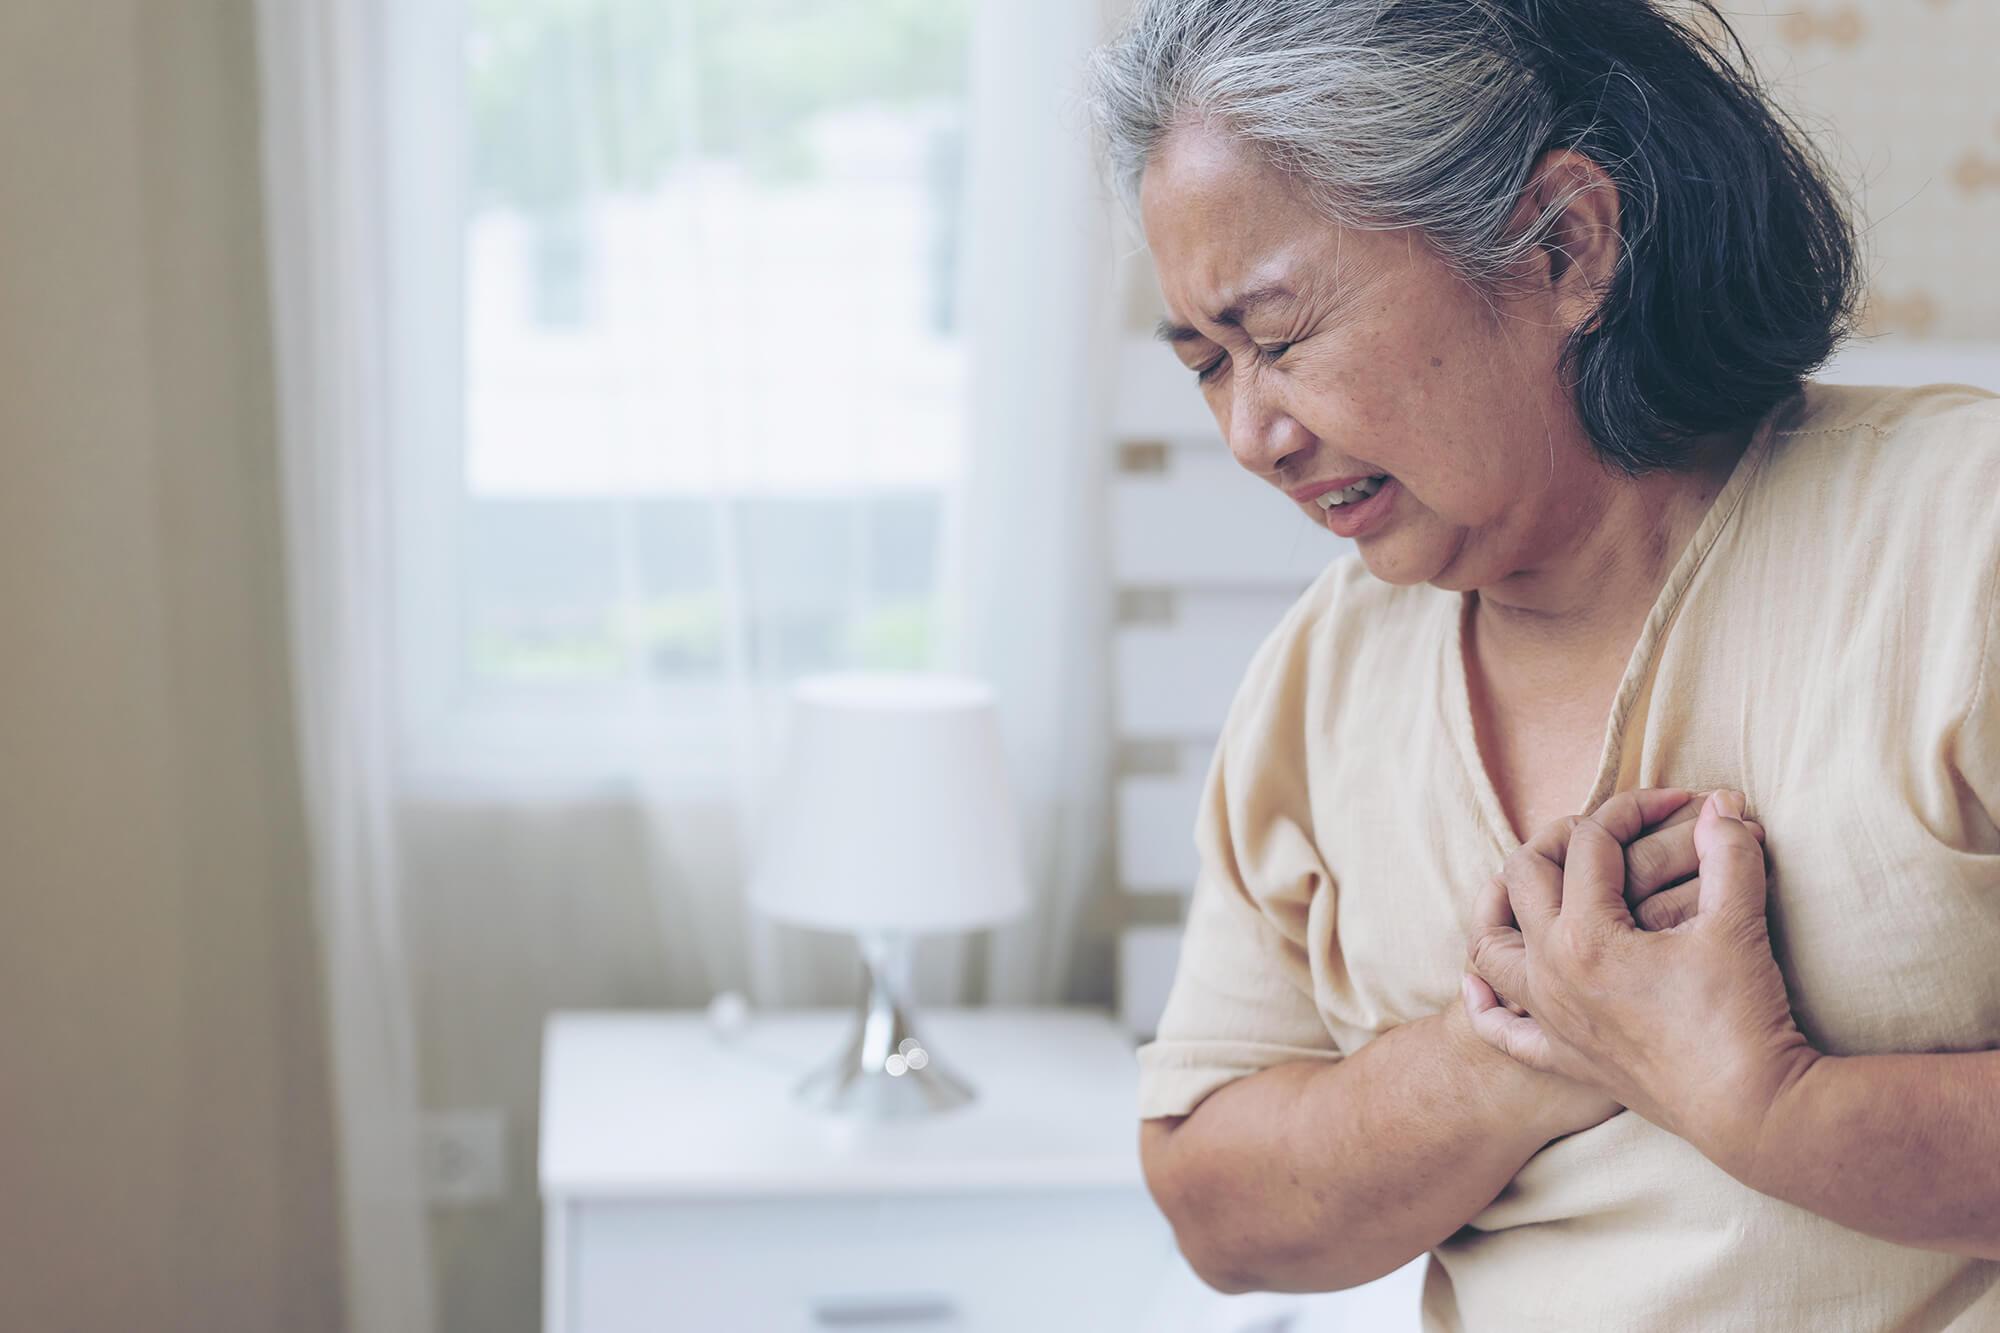 【認識疾病】一文睇清心臟病成因丶症狀